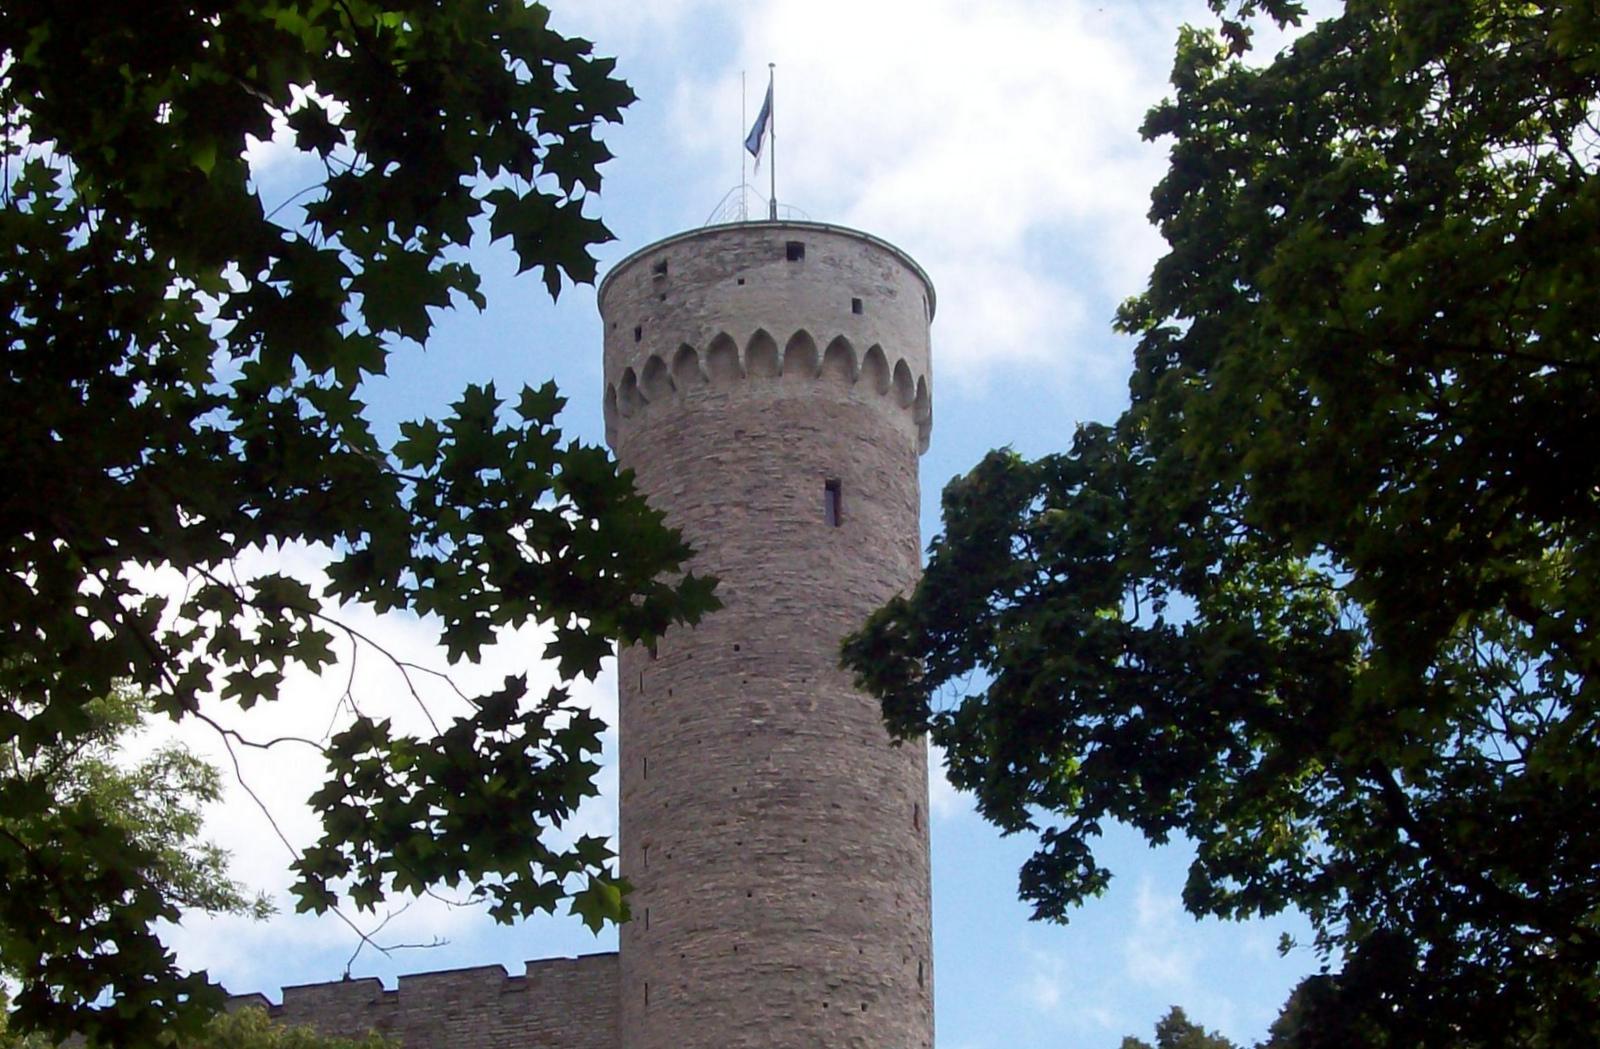 Langer Hermann in Tallinn